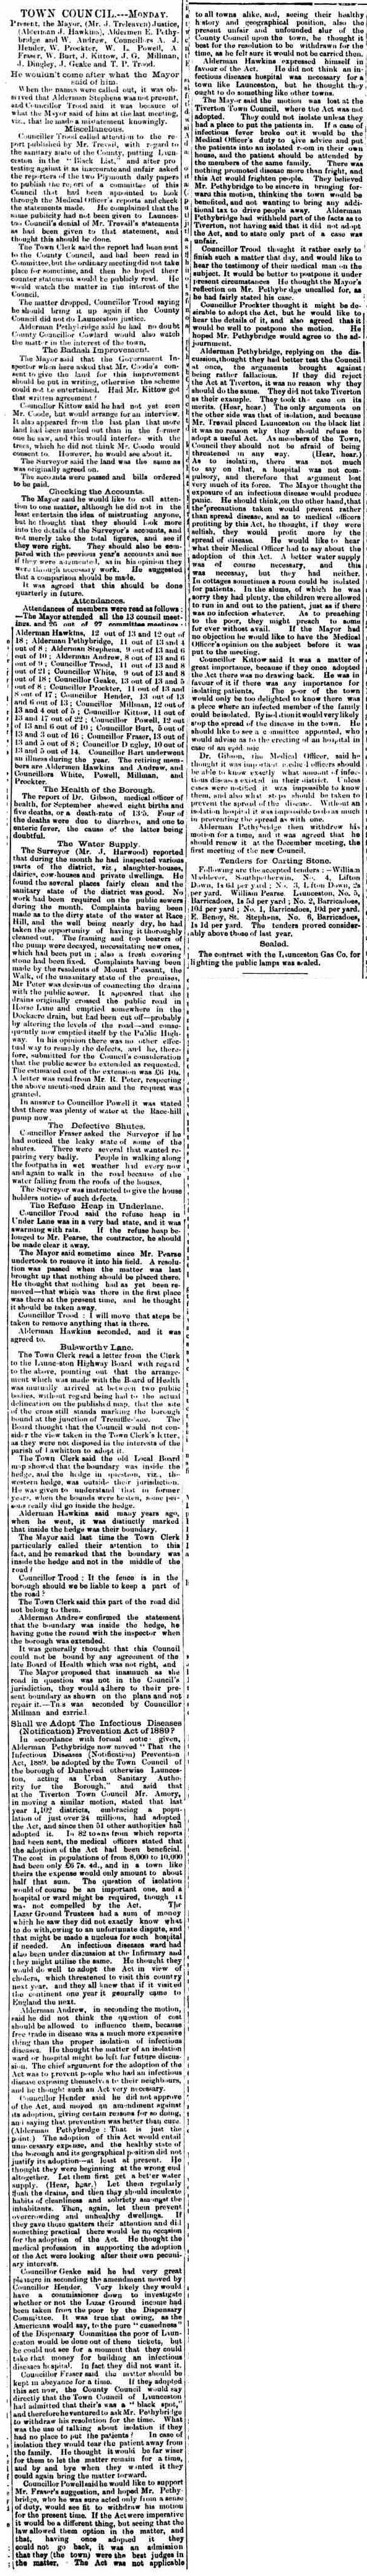 15 October 1892